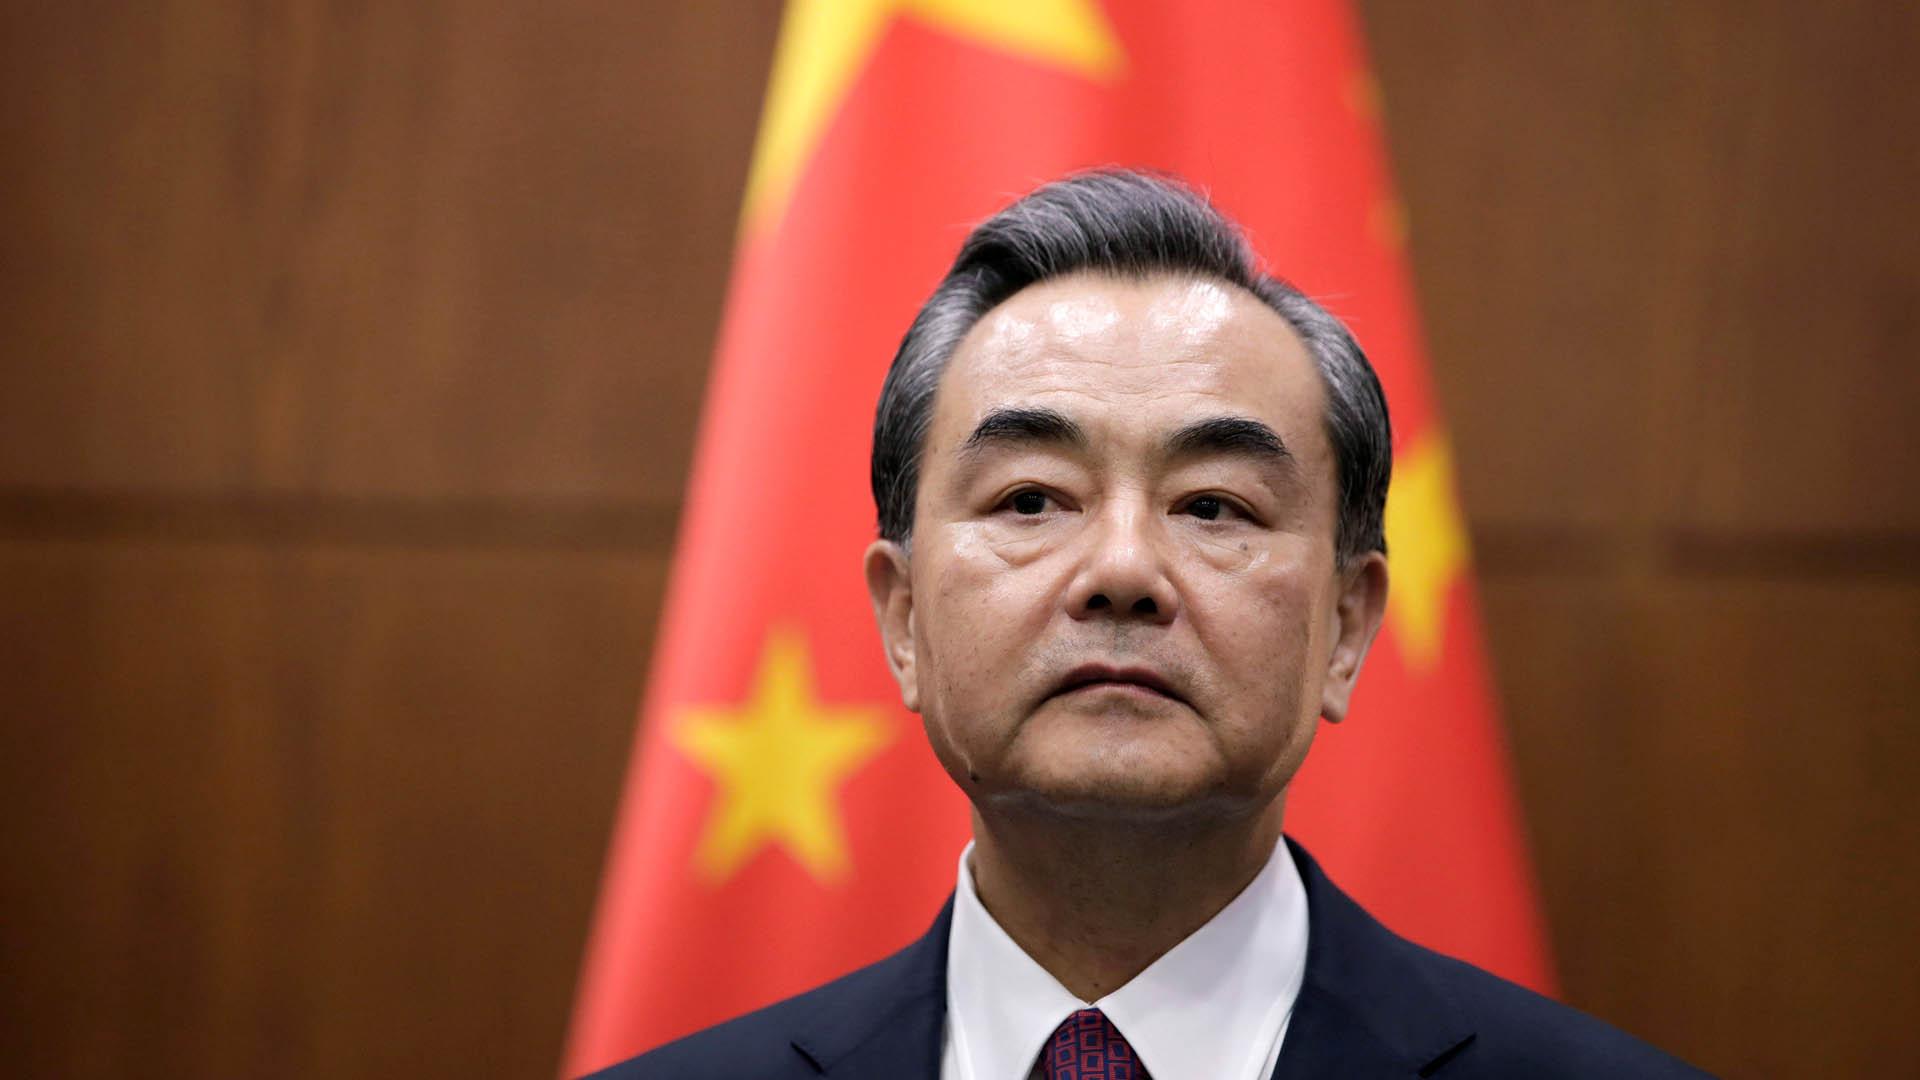 Al gobierno de Pekín no le gustó que Trump aceptara la llamada de la presidenta de Taiwán, Tsai Ing-wen, para felicitarlo por su triunfo